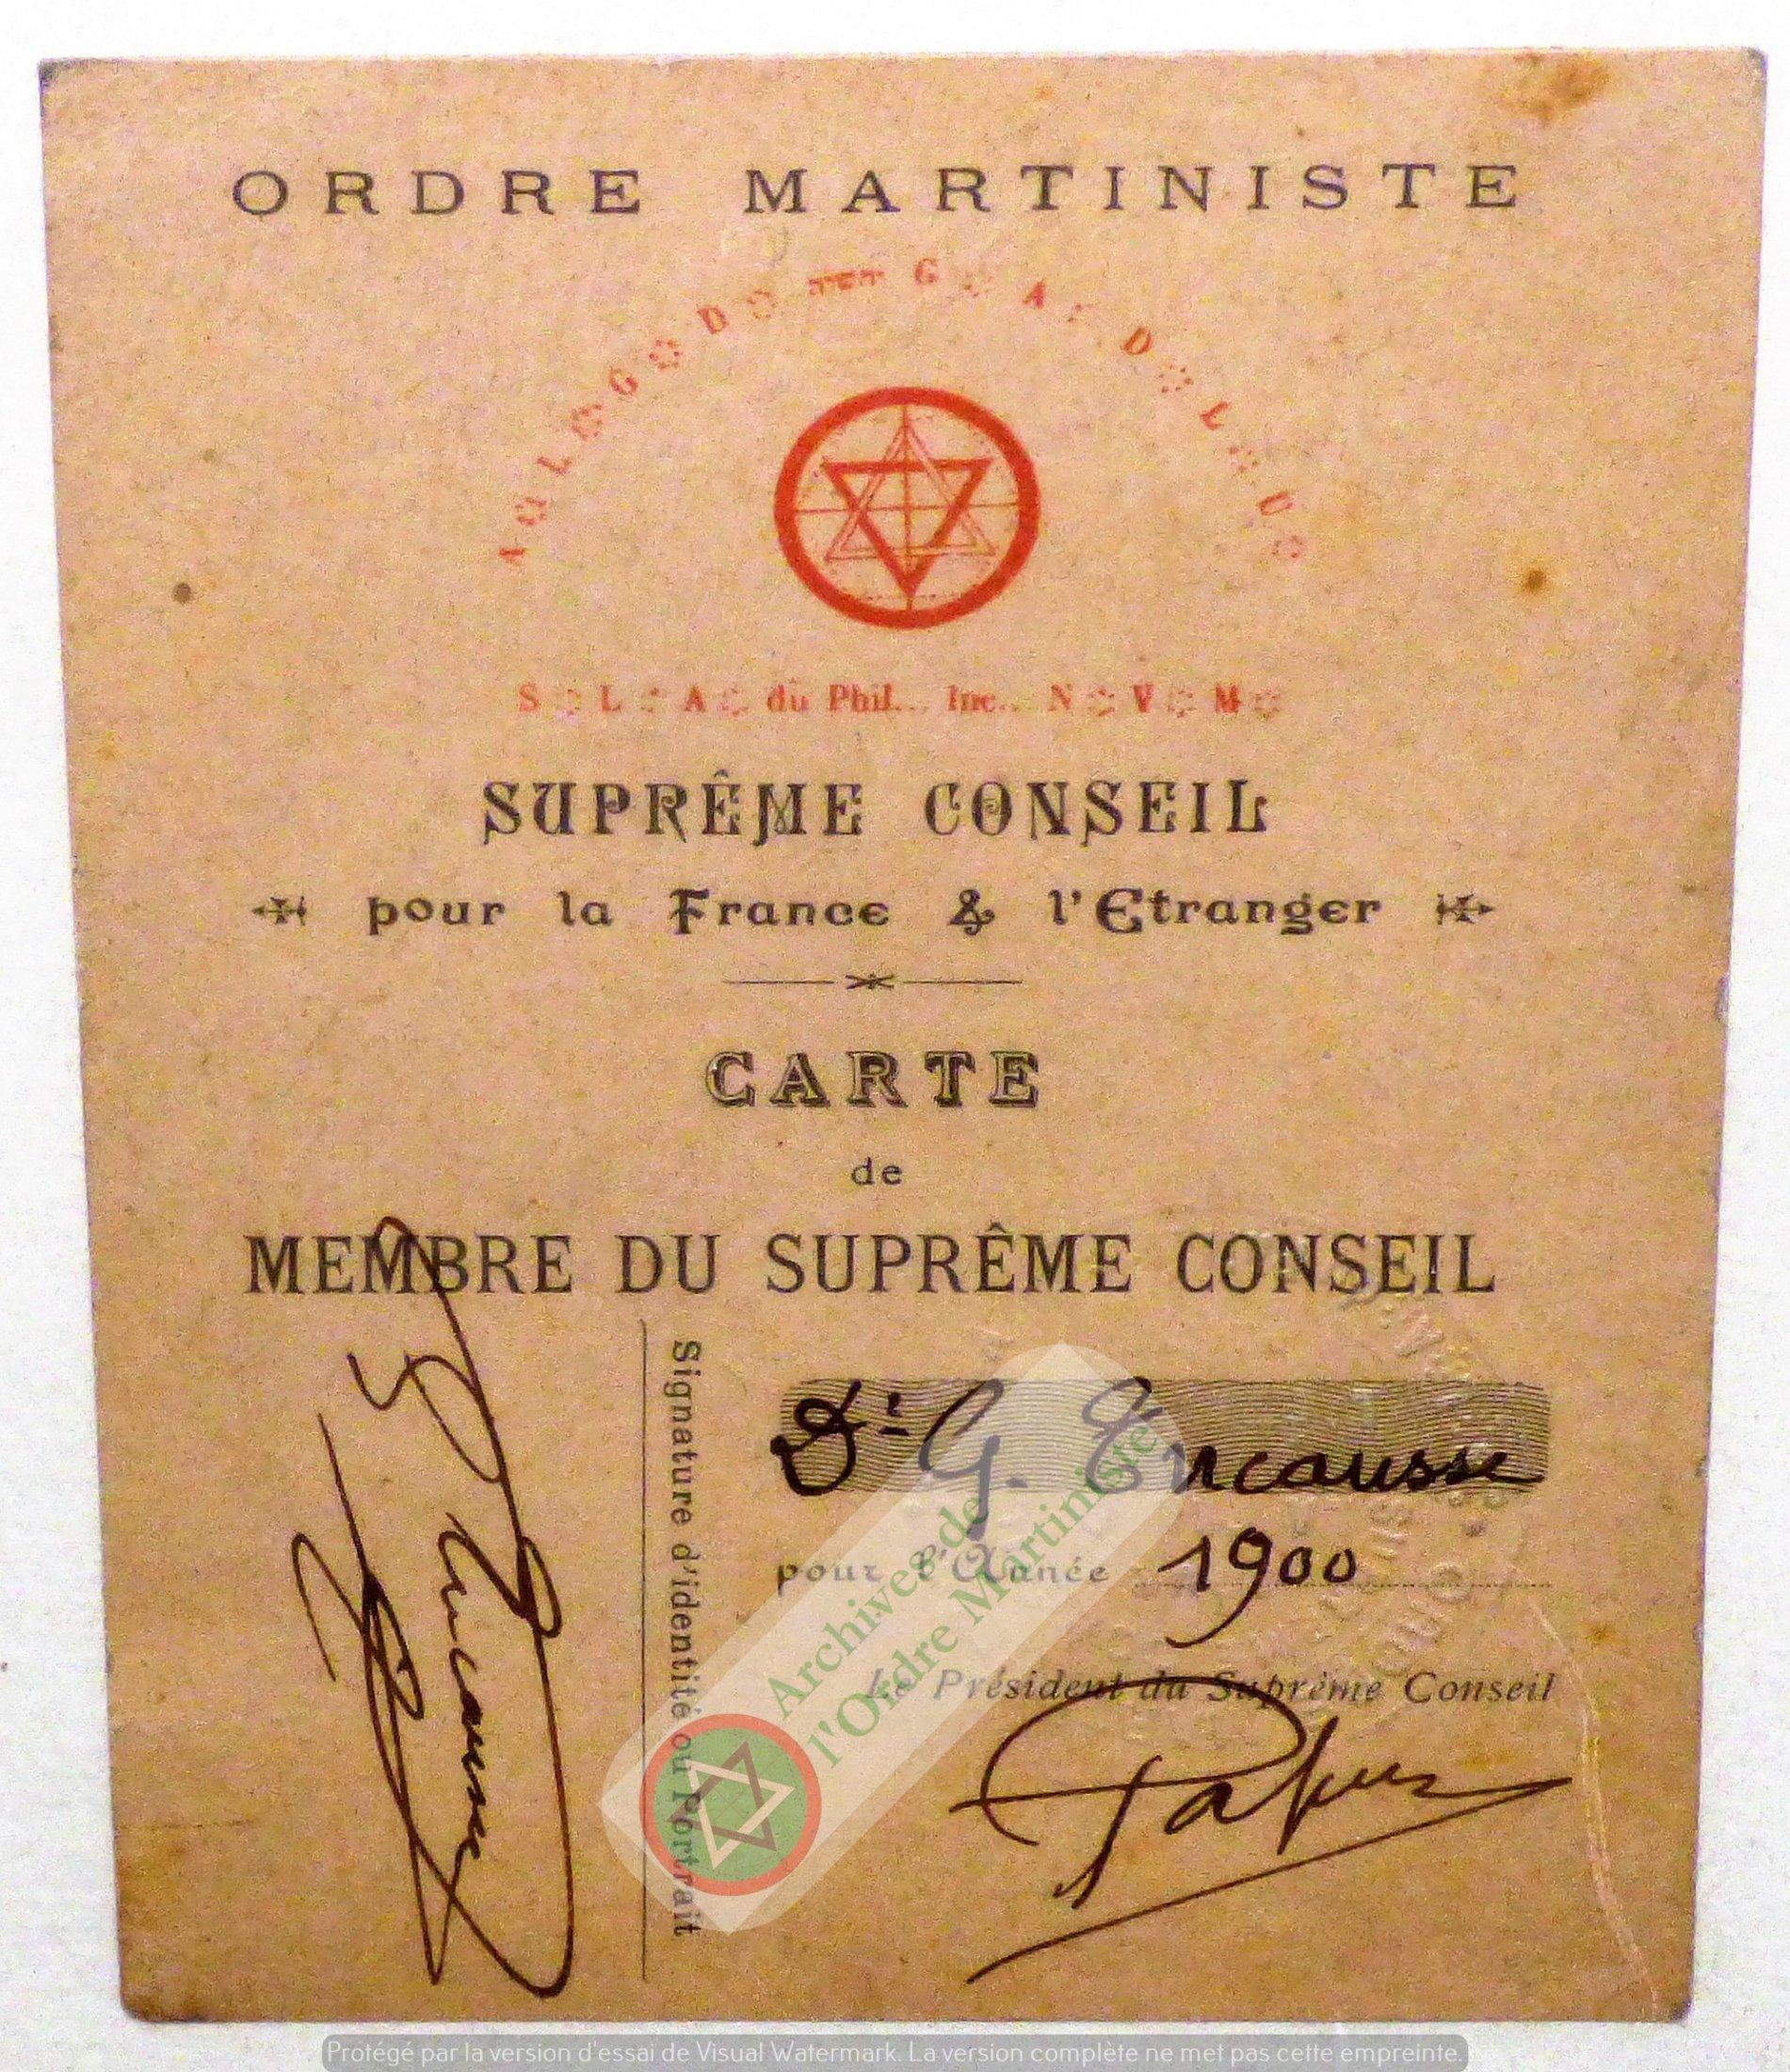 Carte Membre Papus